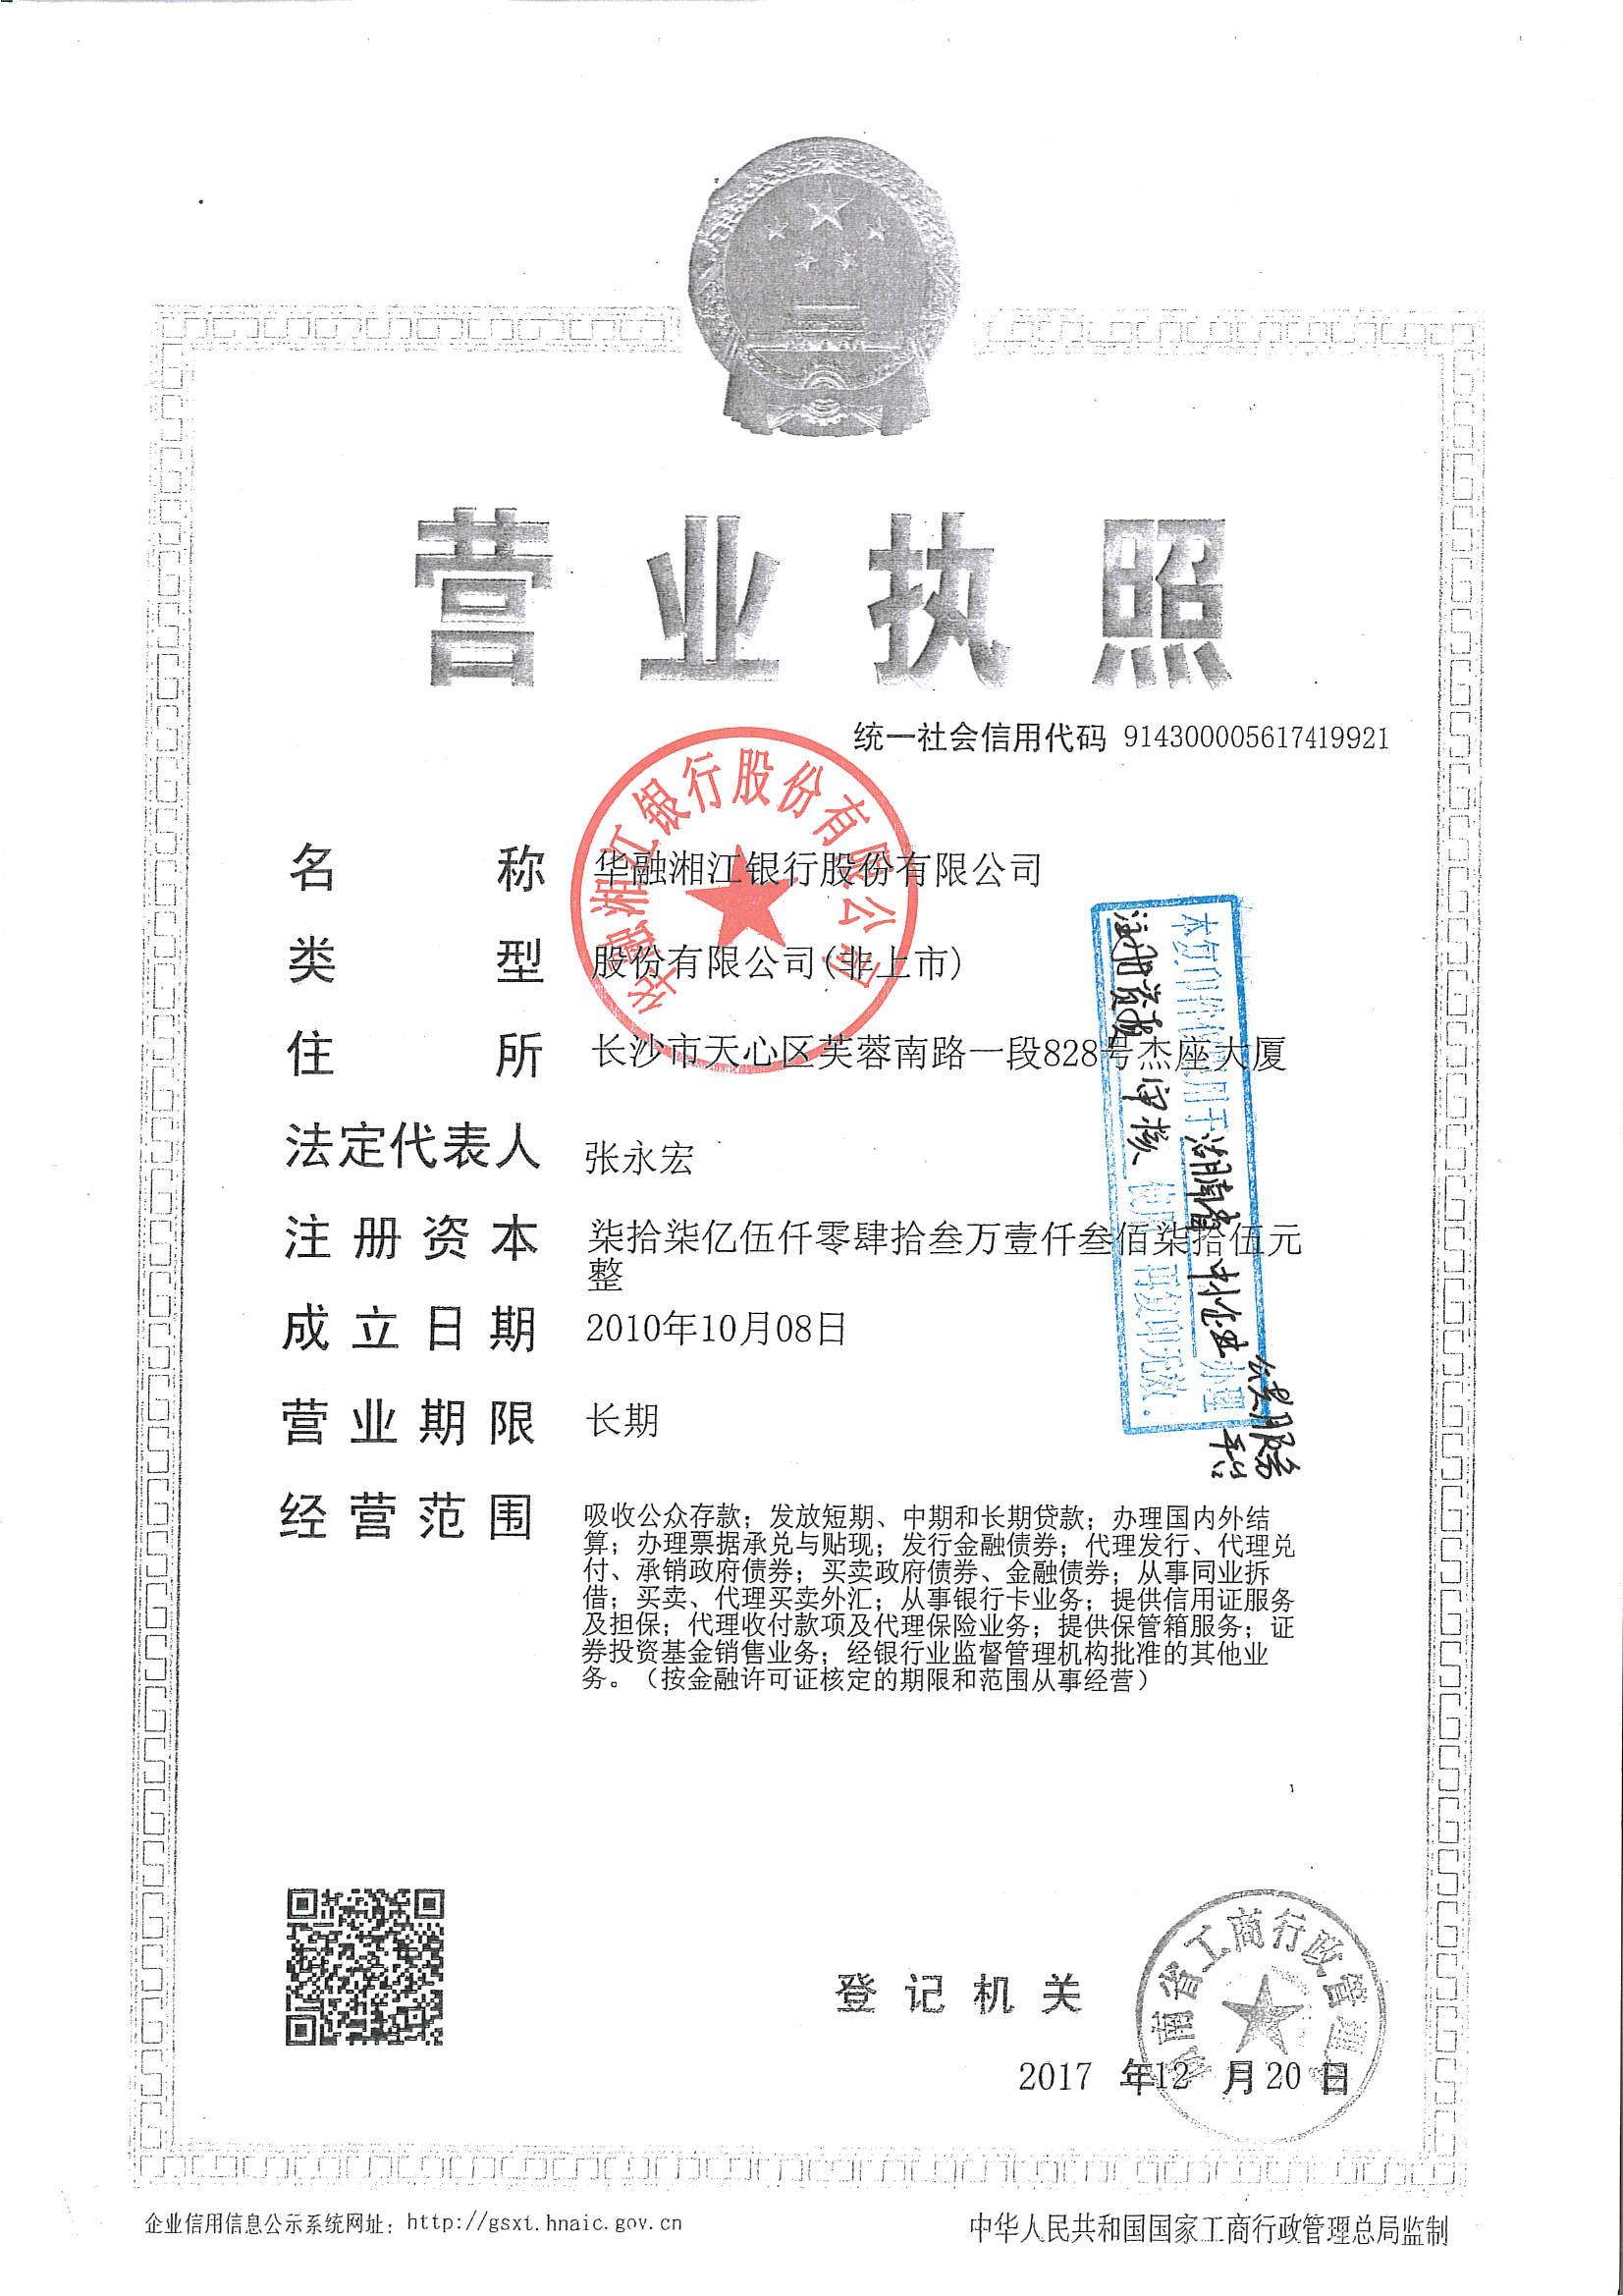 華融湘江銀行營業執照